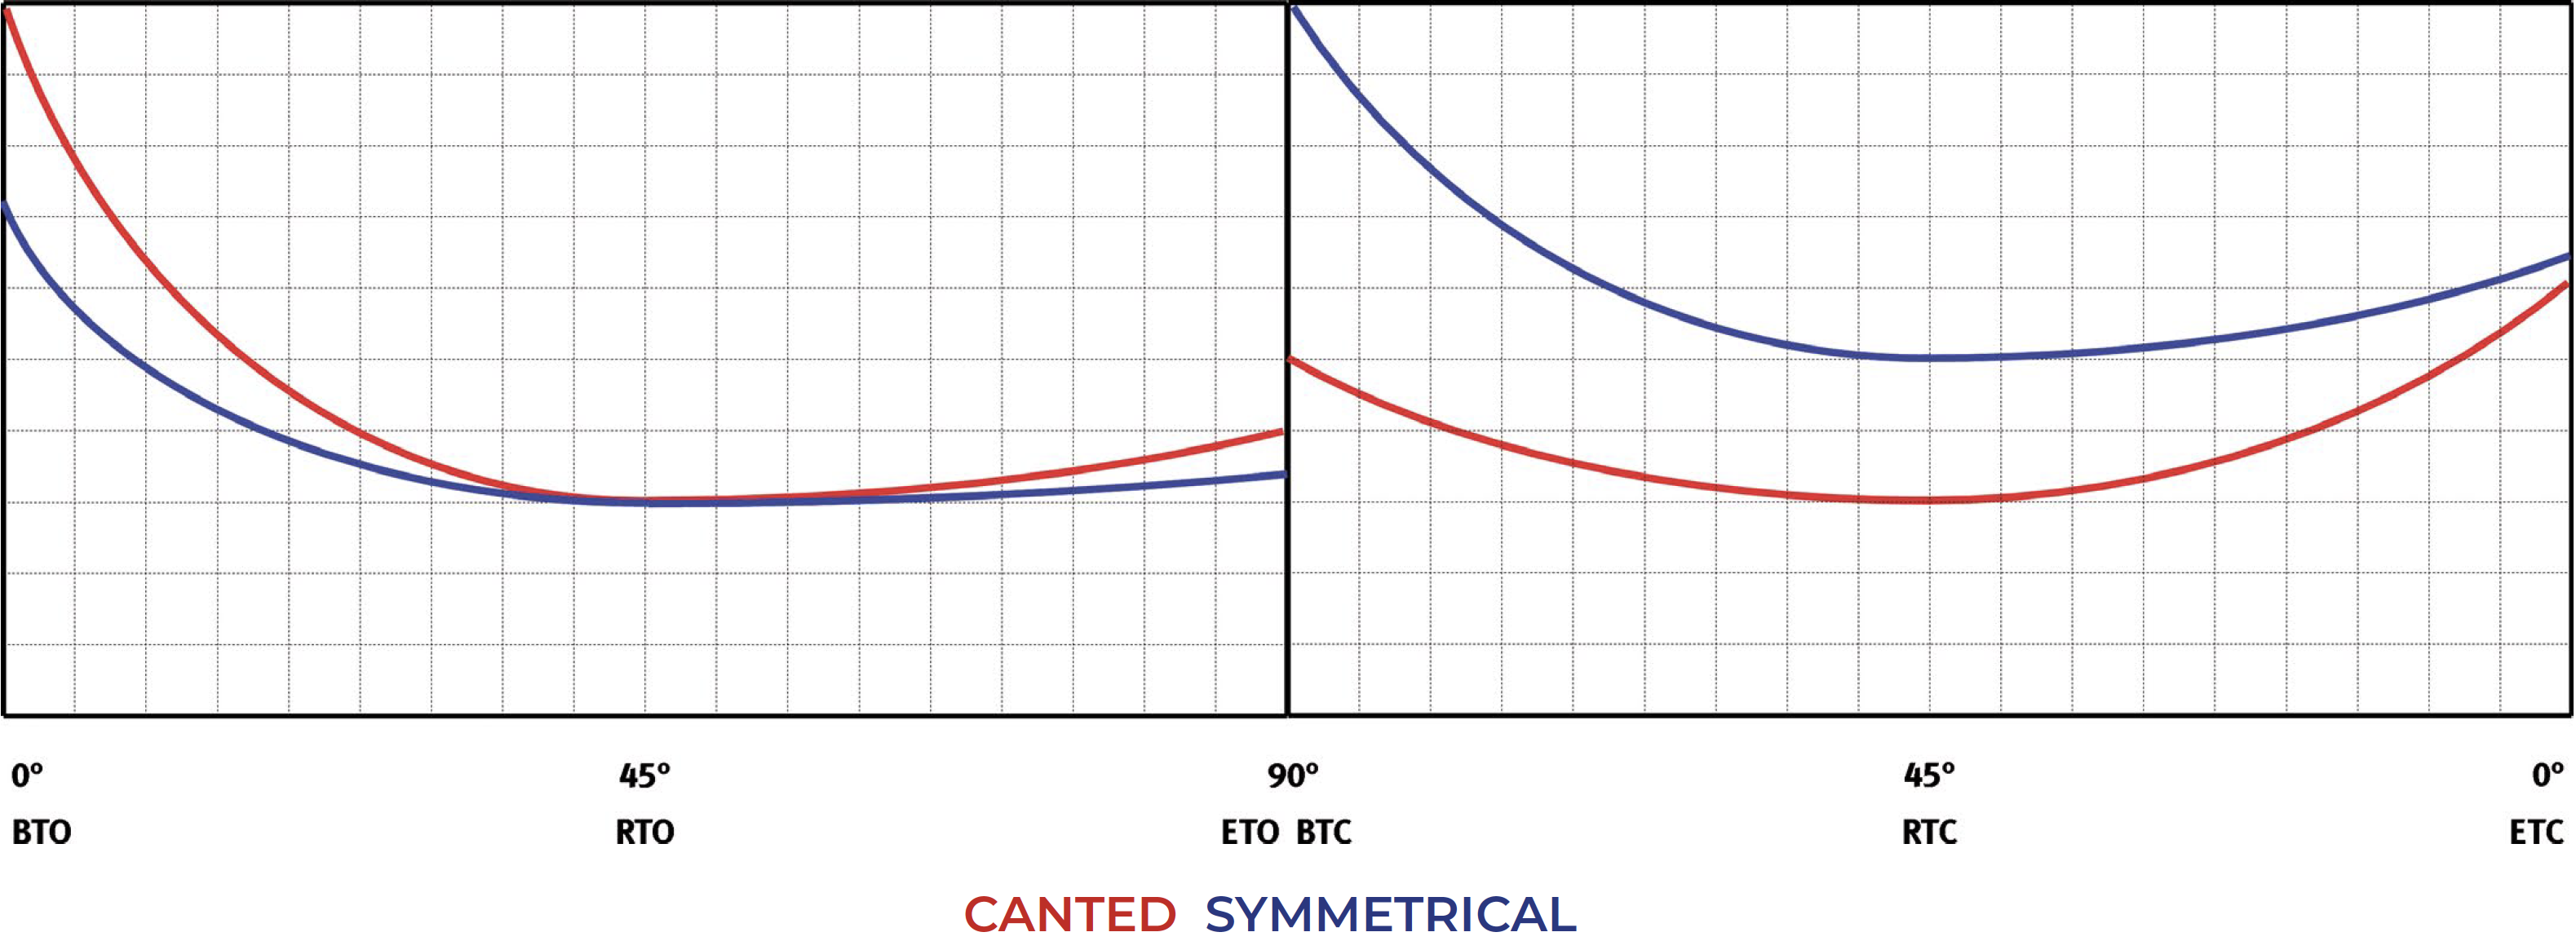 Actionneur pneumatique simple effet GS Heavy Duty acier au carbone  - diagrammes et couples de démarrage - Simple effet normalement fermé - Tableau des couples (moments de torsion)